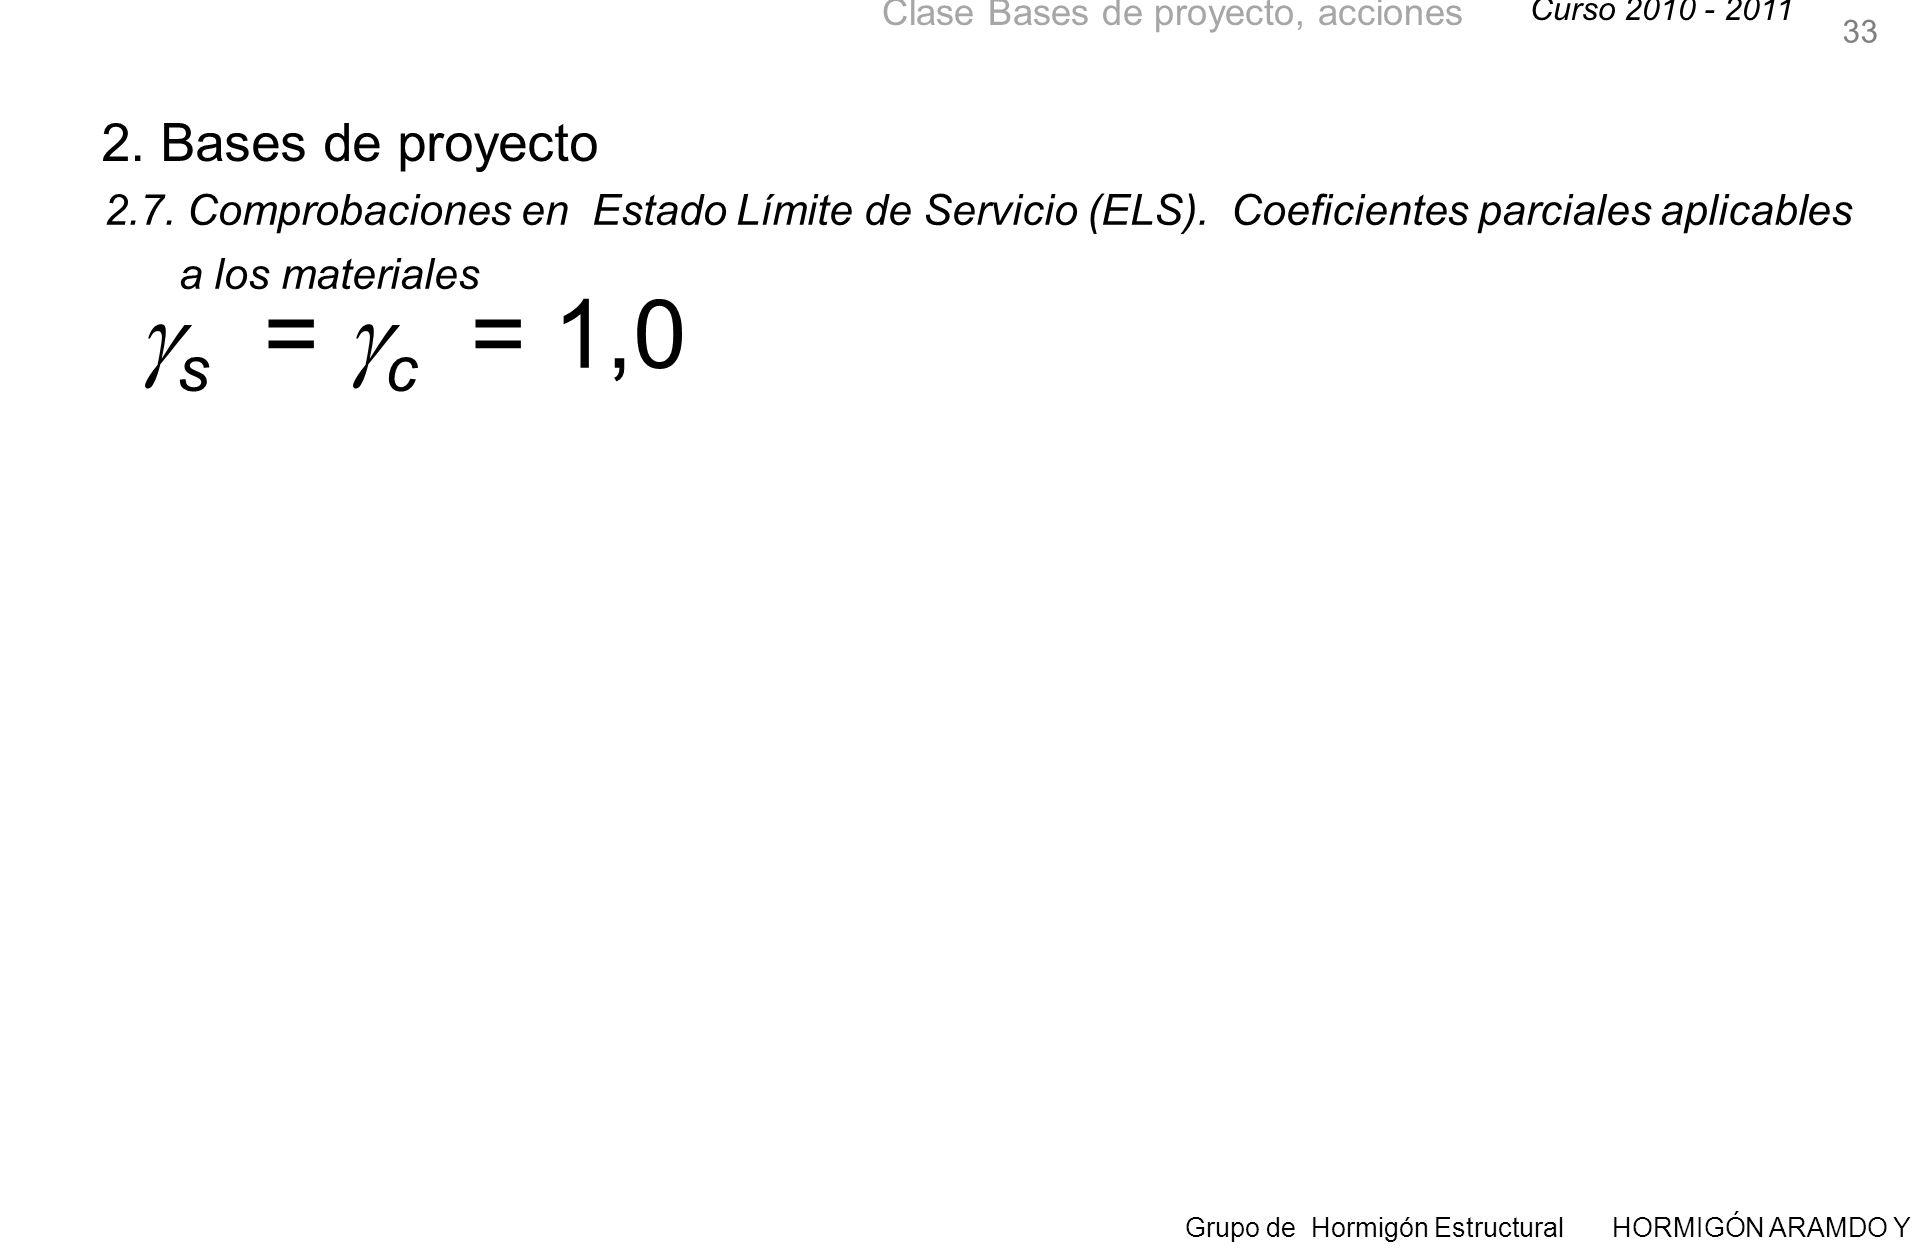 Curso 2010 - 2011 Grupo de Hormigón Estructural HORMIGÓN ARAMDO Y PRETENSADO II Clase Bases de proyecto, acciones 33 2.7.